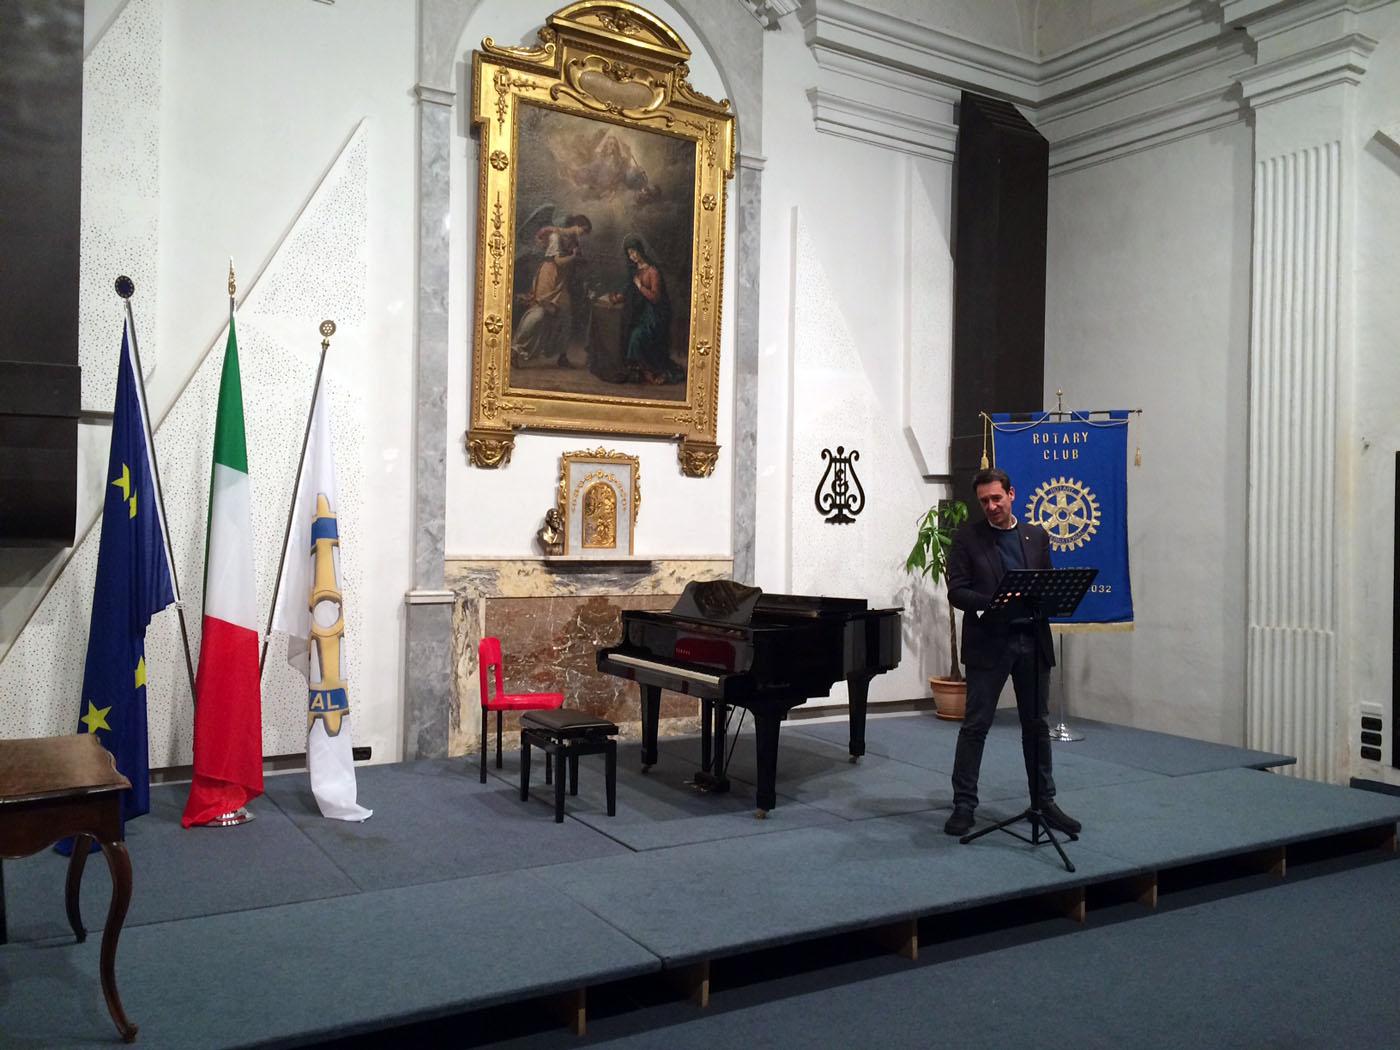 http://www.rotarysaluzzo.it/wp-content/uploads/2016/02/Duo_Flauto_Pianoforte_Rotary_Saluzzo_160213_03.jpg